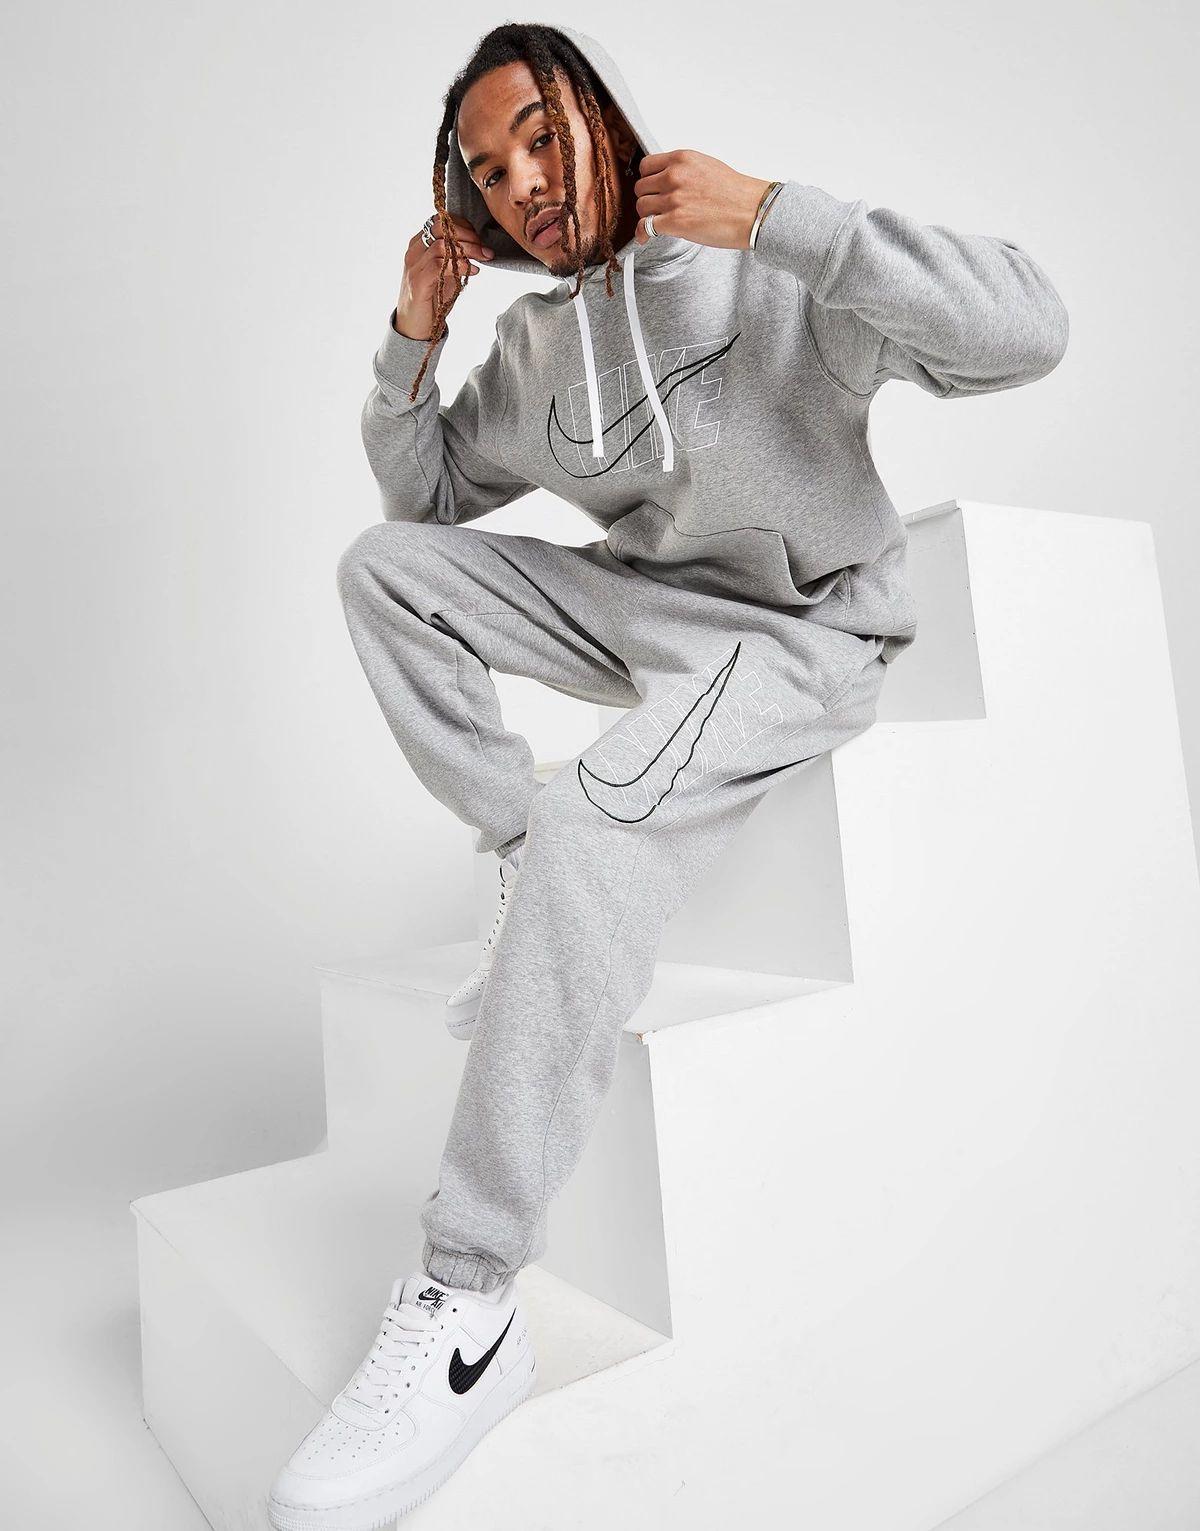 Sélection d'articles en promotion - Ex :Pantalon de survêtement Homme Nike Club - Gris (Plusieurs tailles)